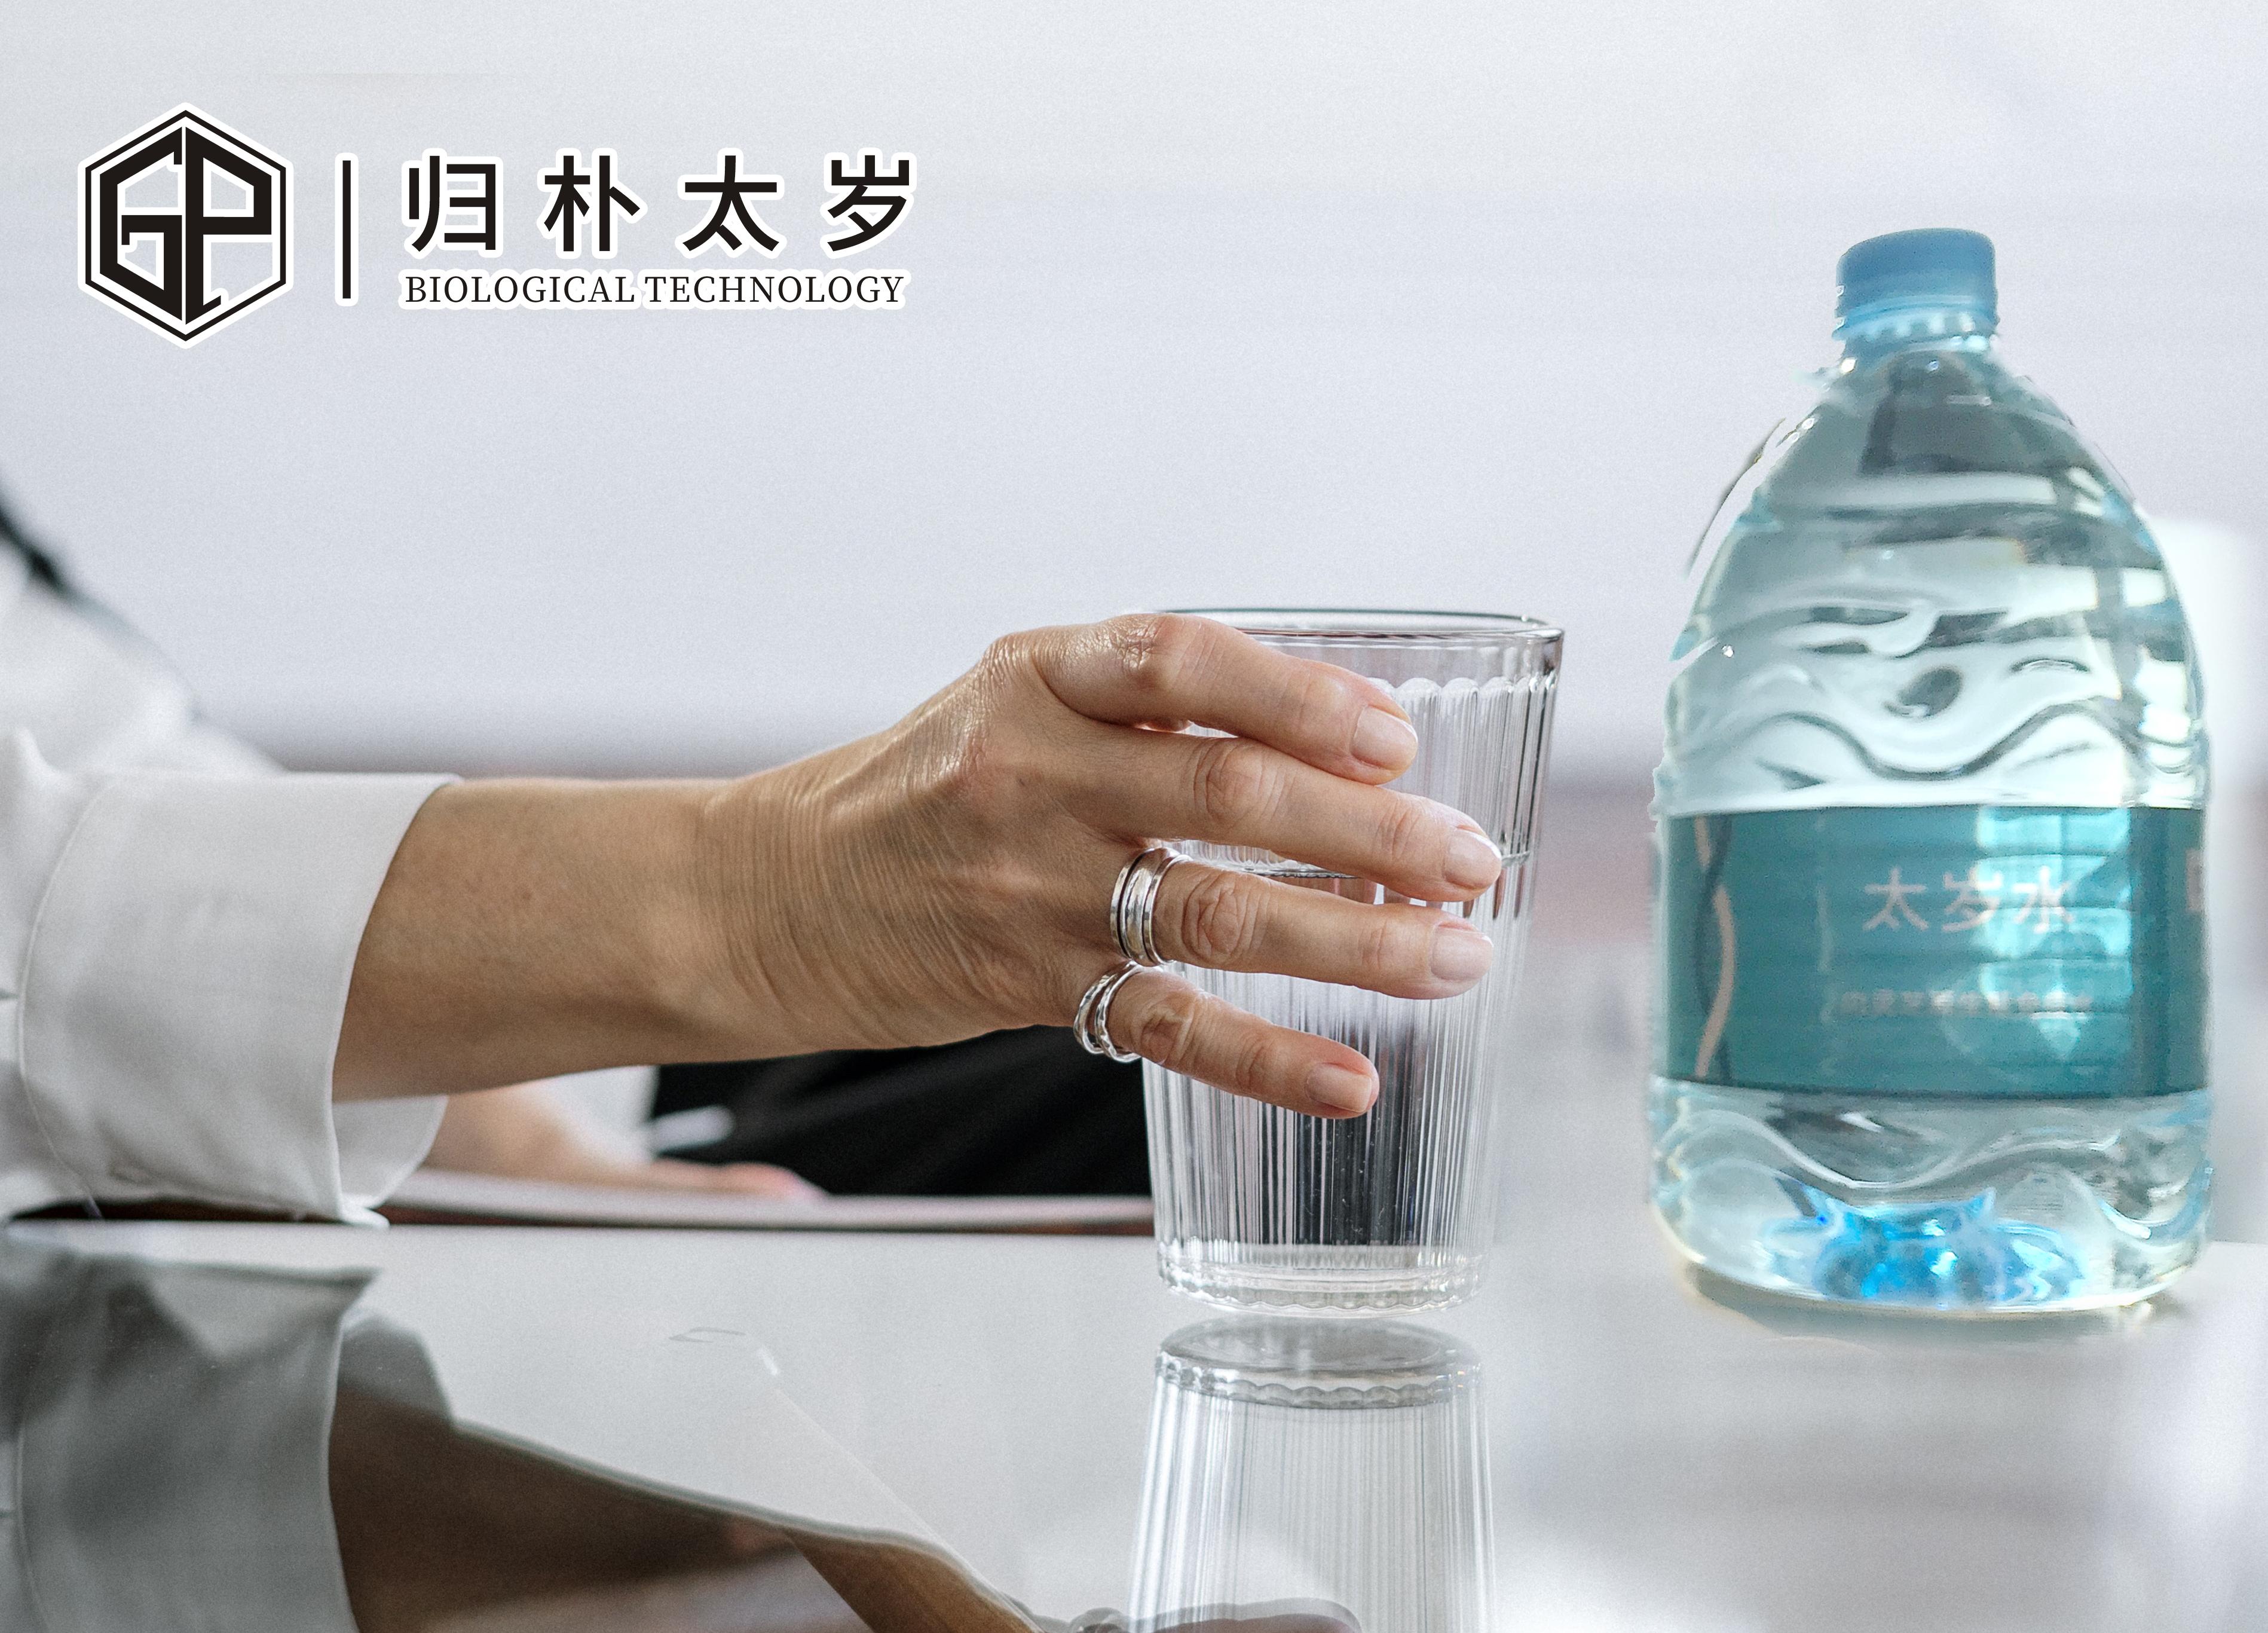 太岁水和纯净水的区别是什么?喝哪个好?归朴太岁水